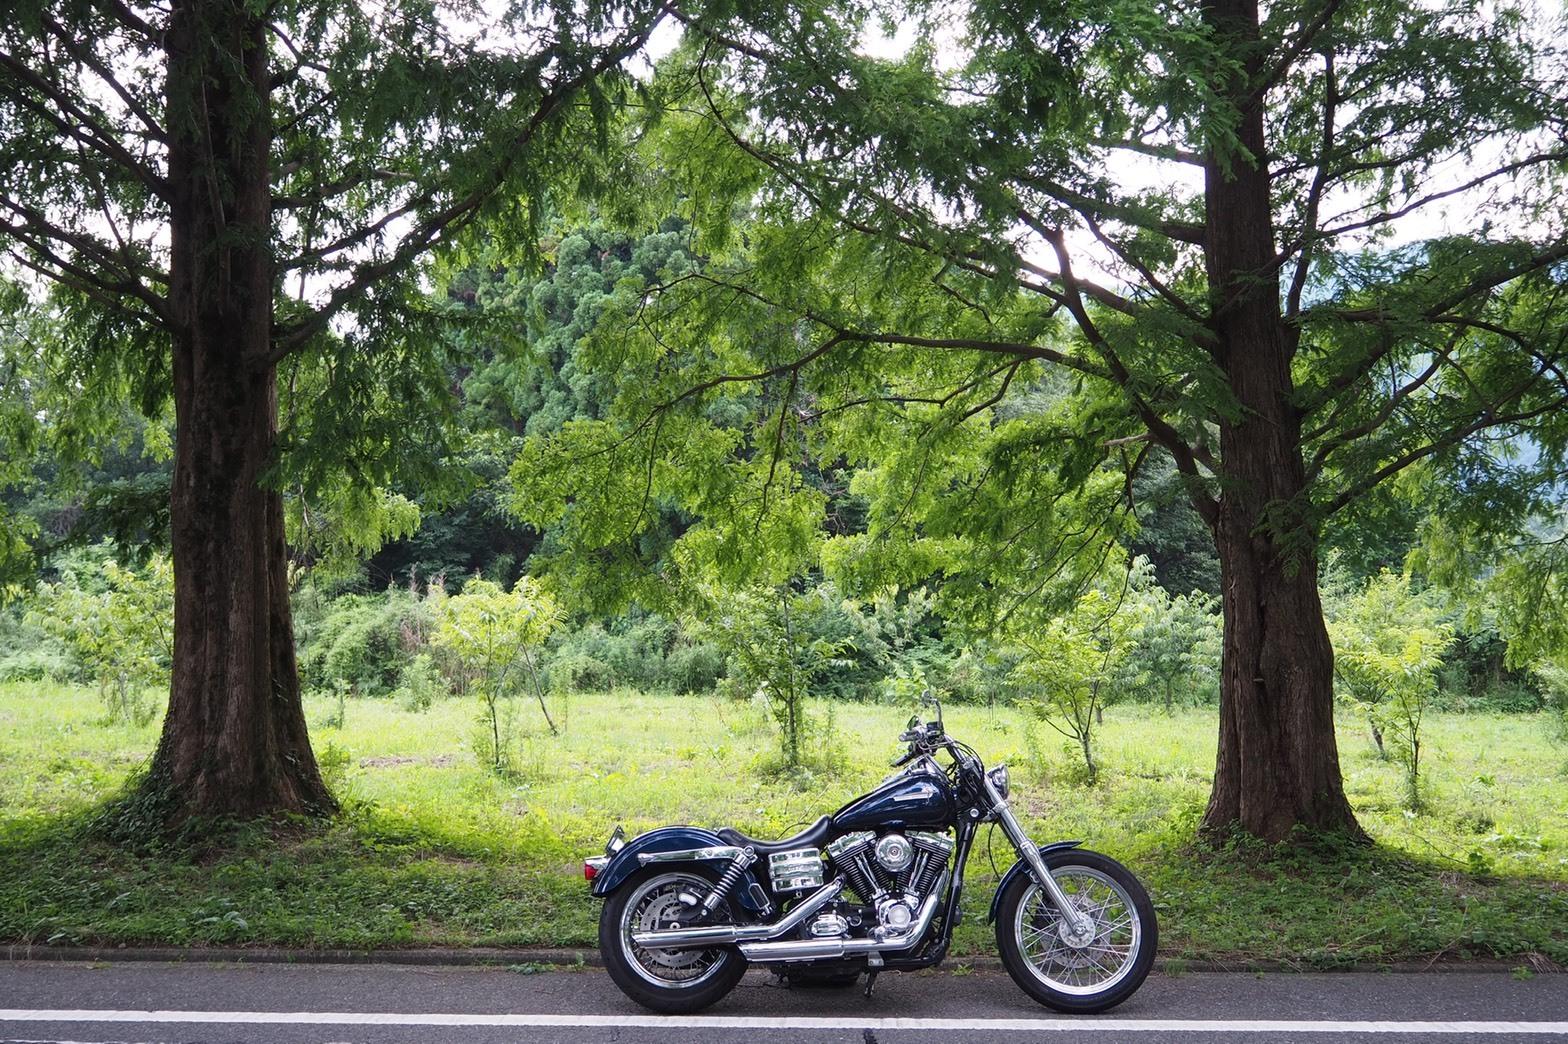 ぴーきちハーレーブログ ビワイチ ヨゴイチツーリング メタセコイア並木 絶景